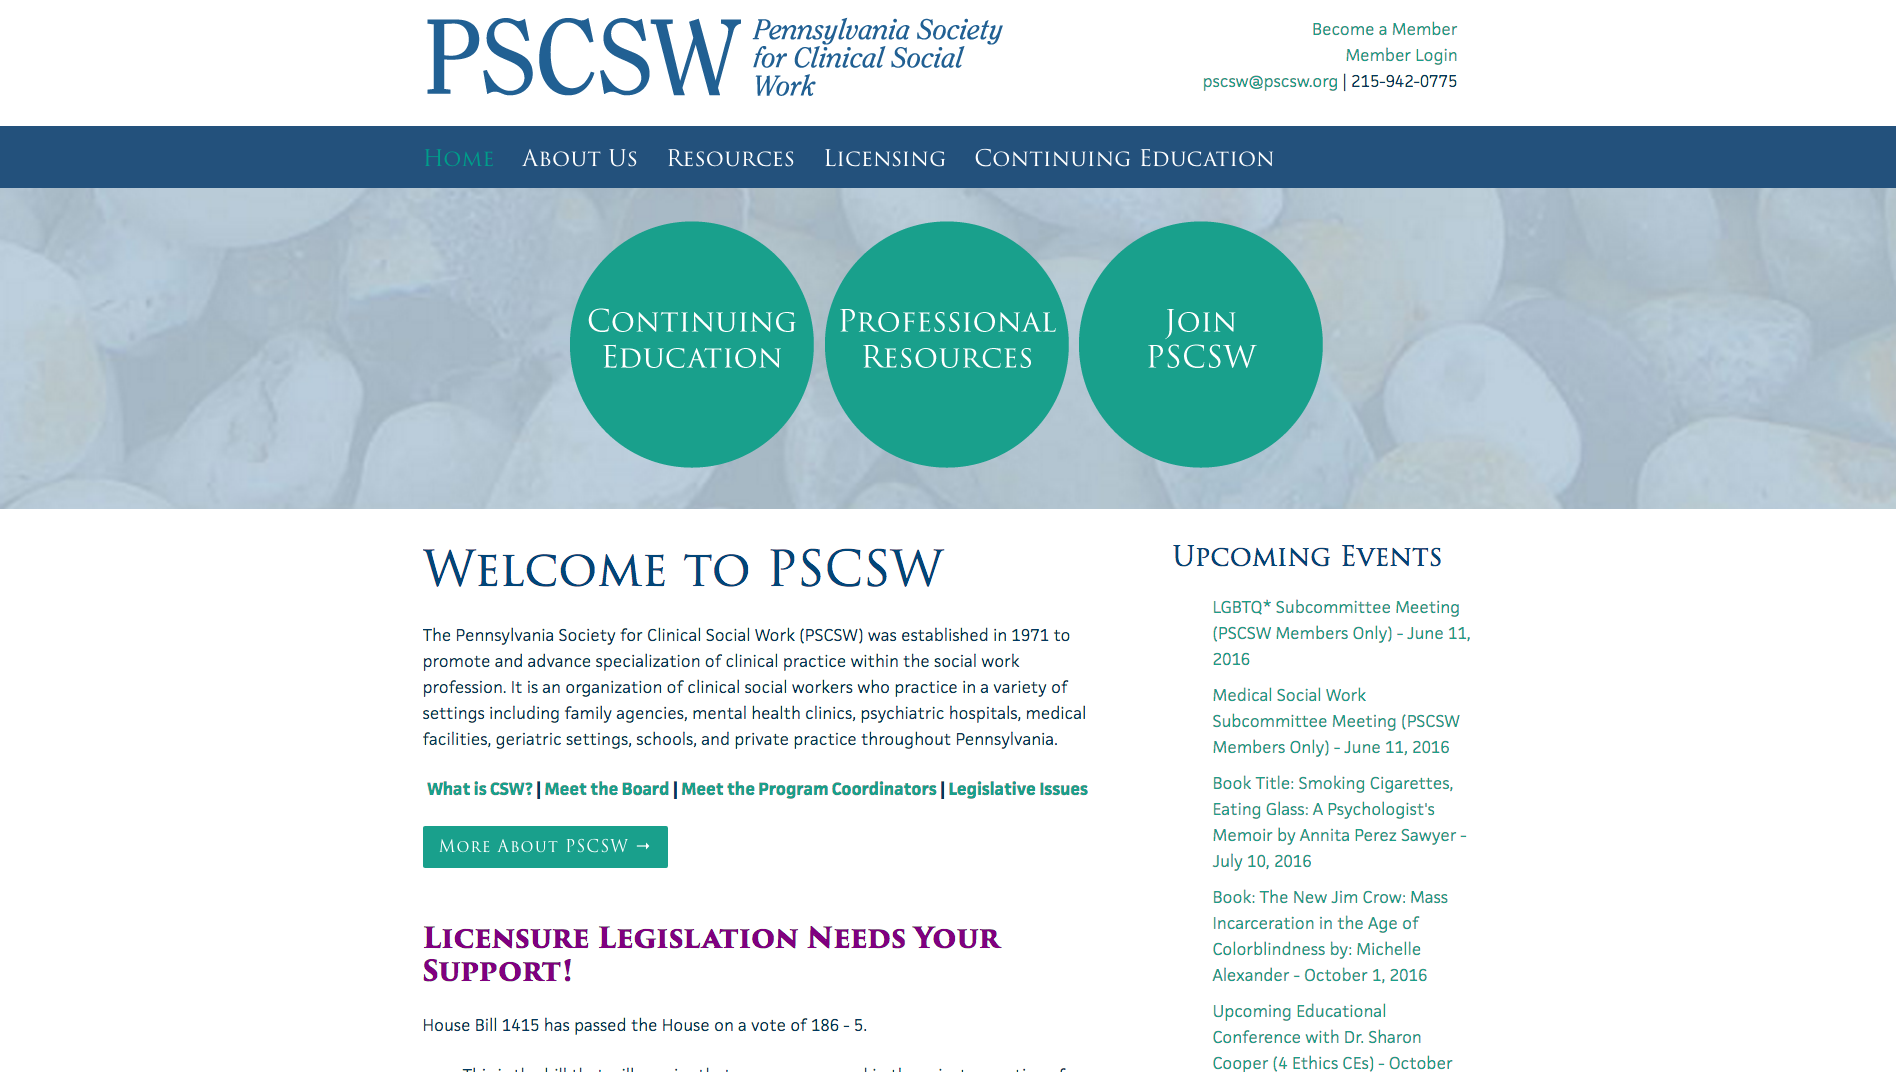 PSCSW website, designed by Hoppel Design